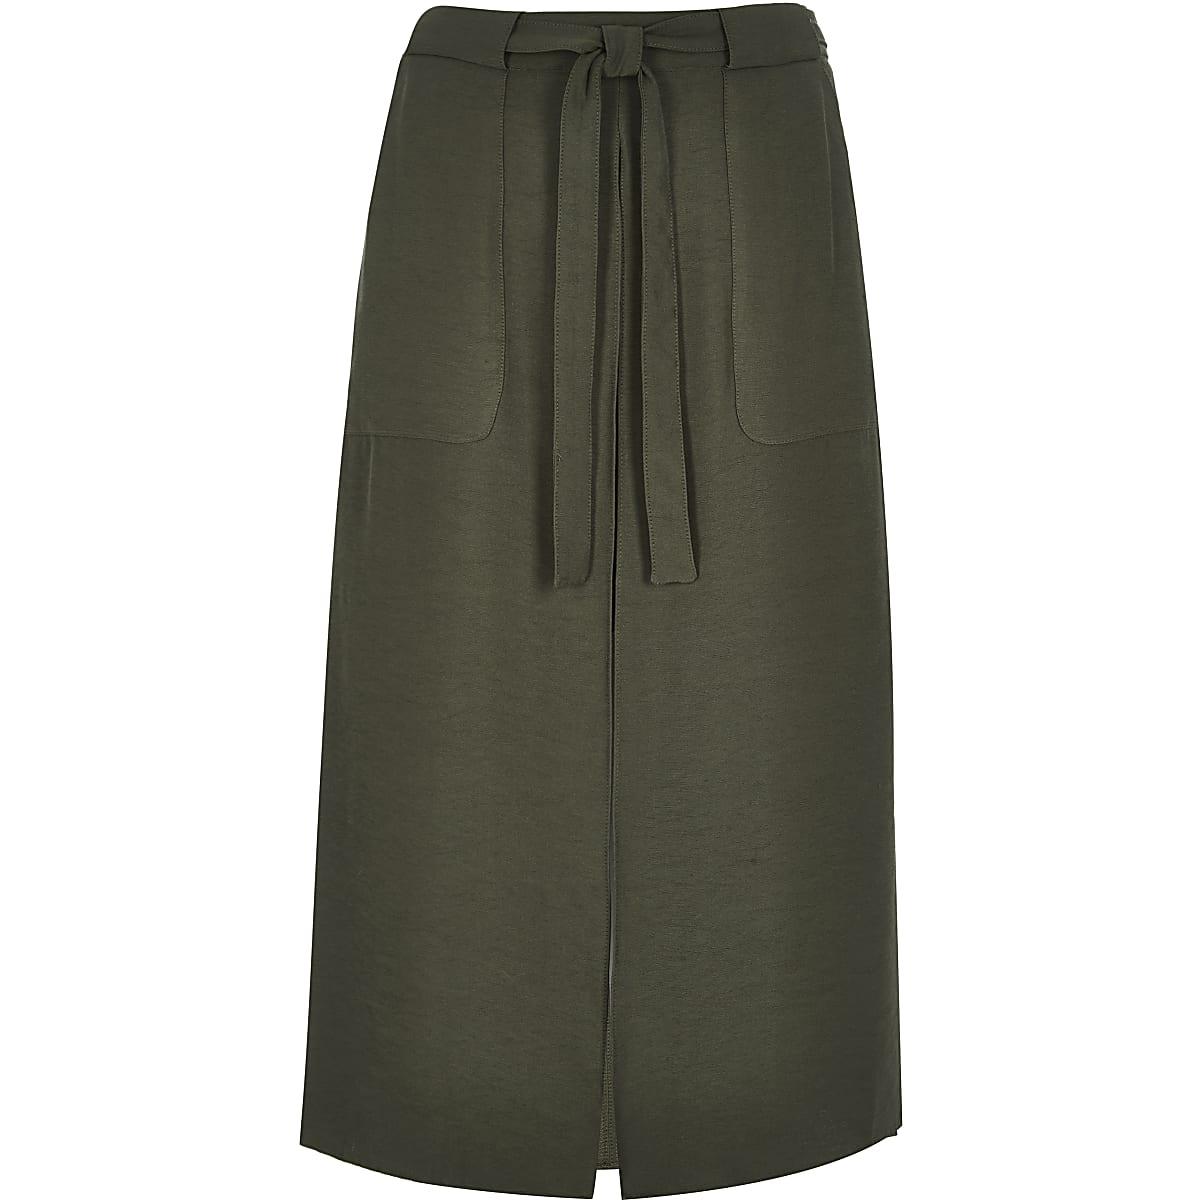 Khaki utility midi skirt